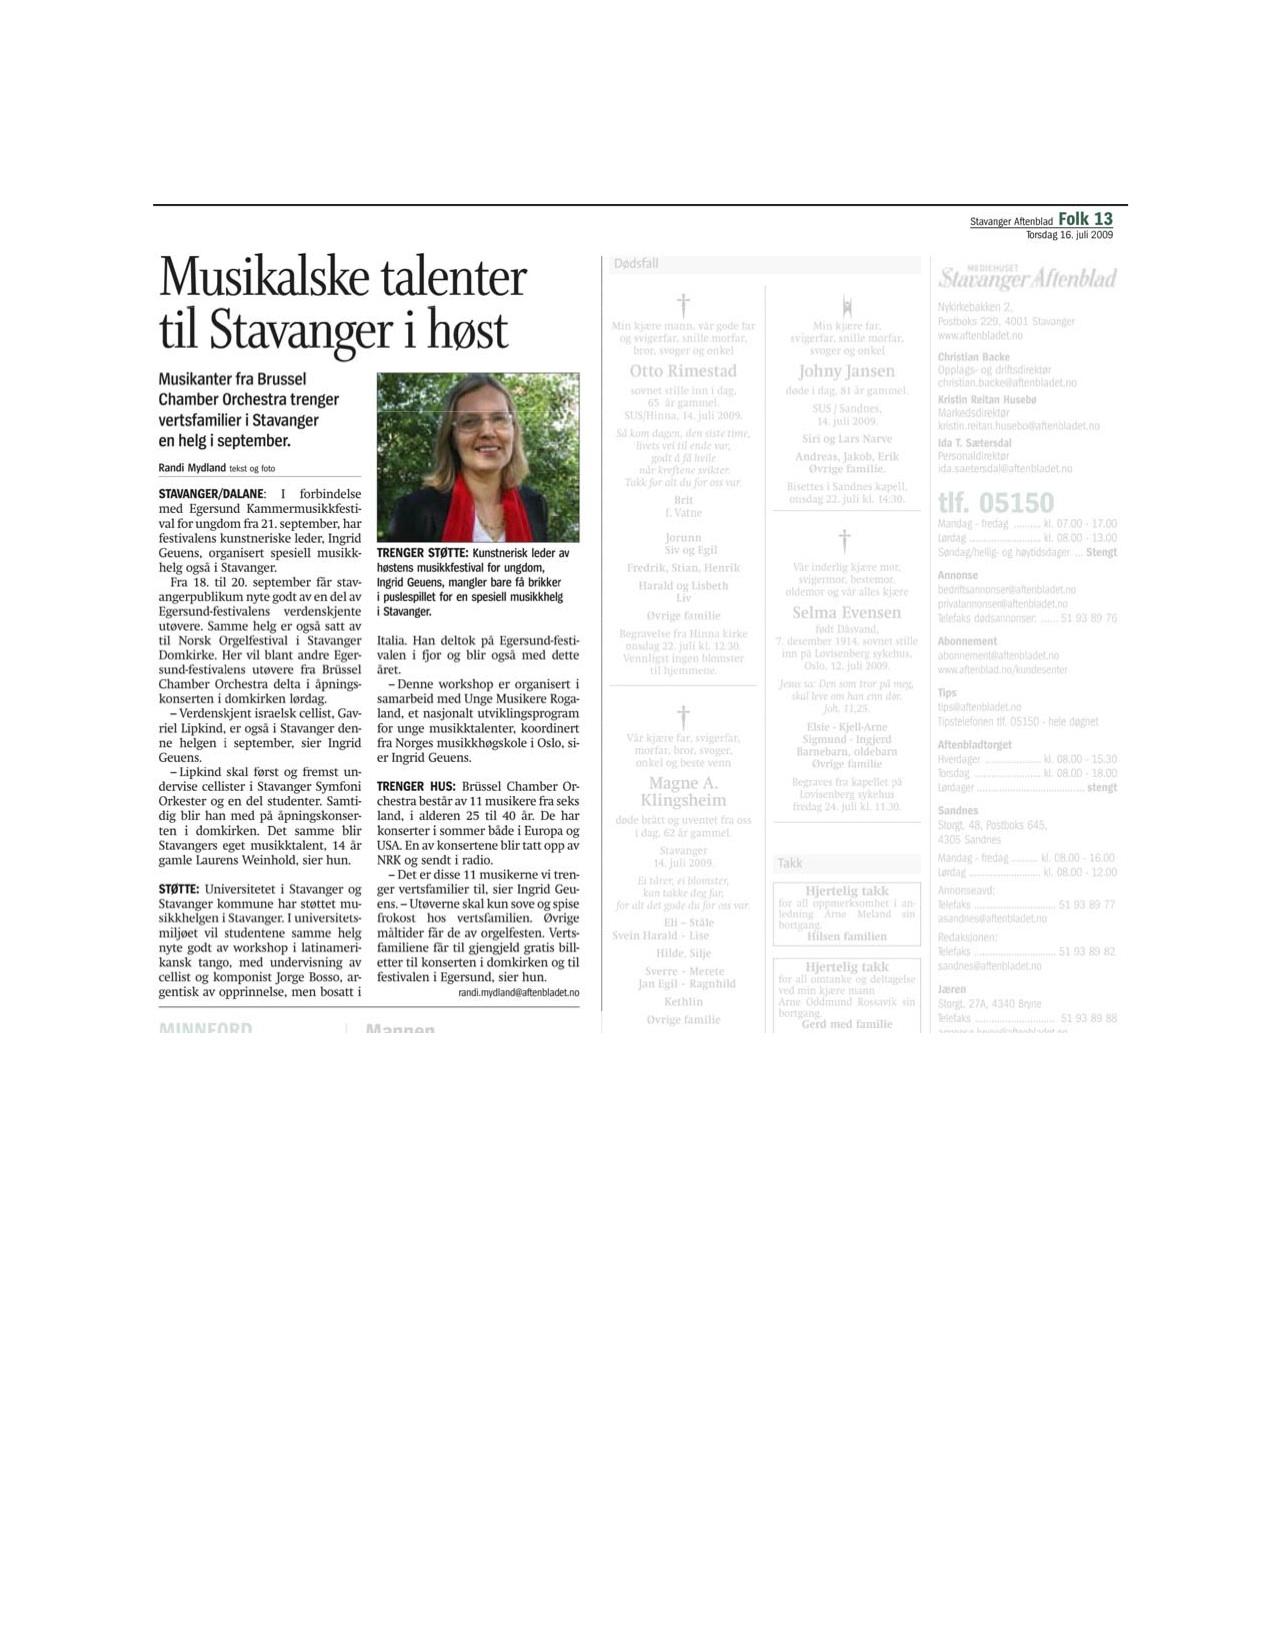 Stavanger Aftenblad - 16. July 2009